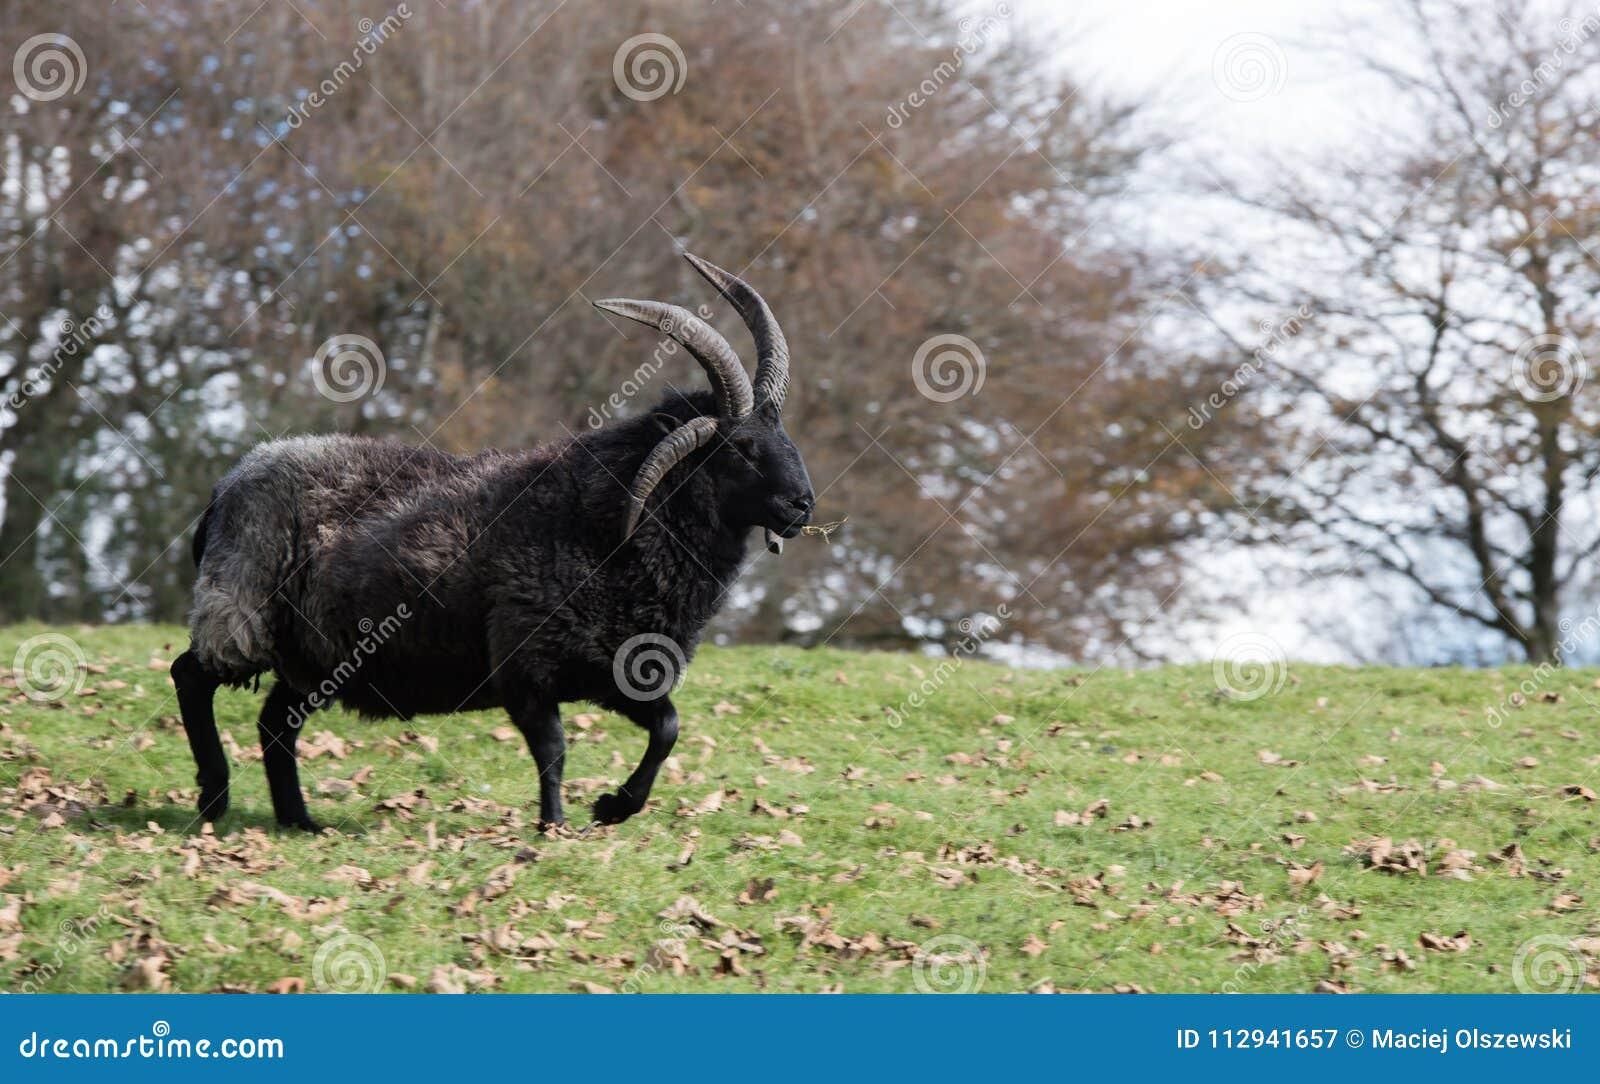 Ram, овца, овечка, aries барана